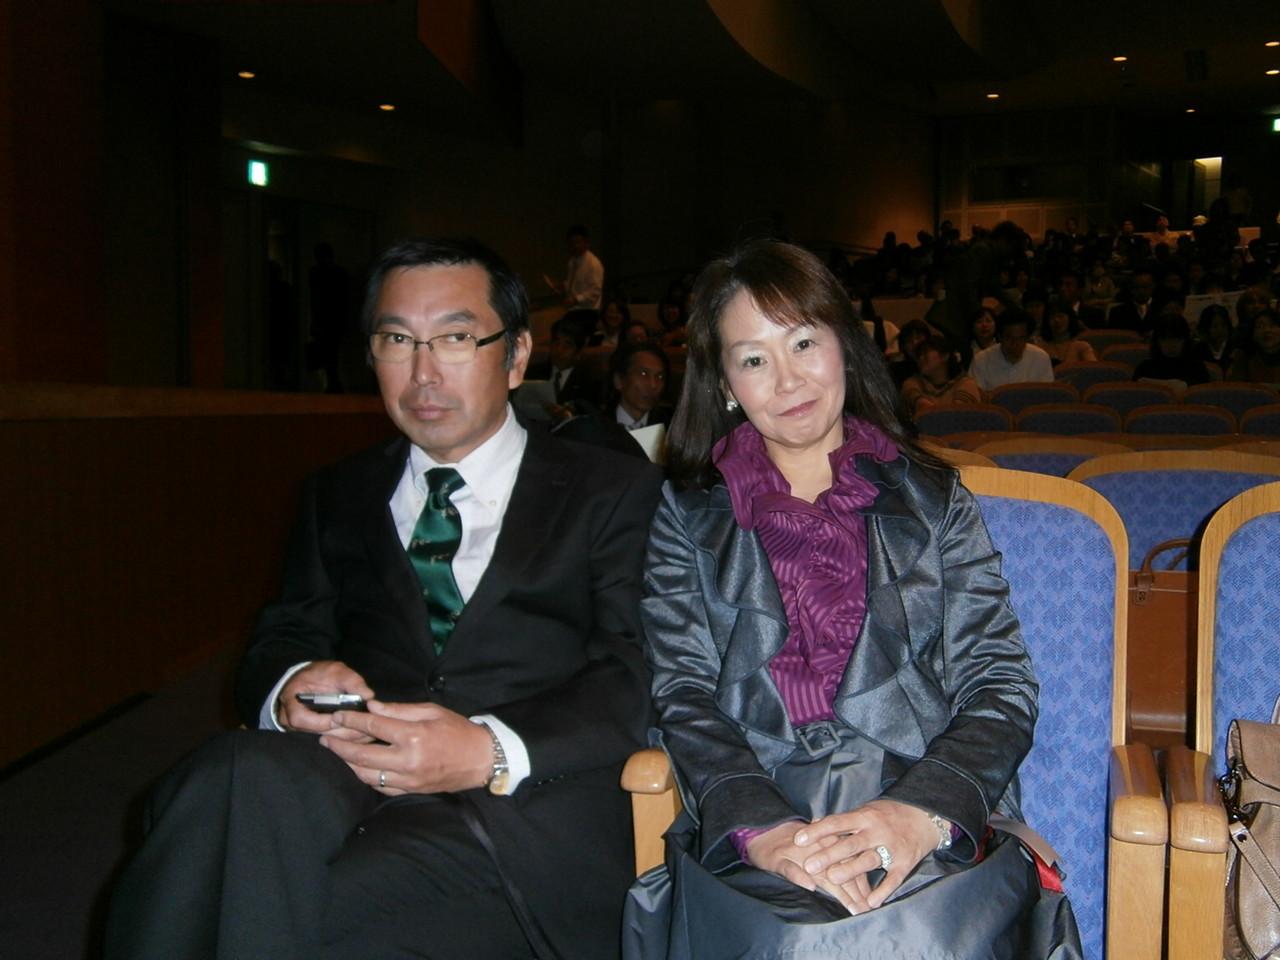 先輩達、県知事から感謝状授与されました。おめでとうございます!